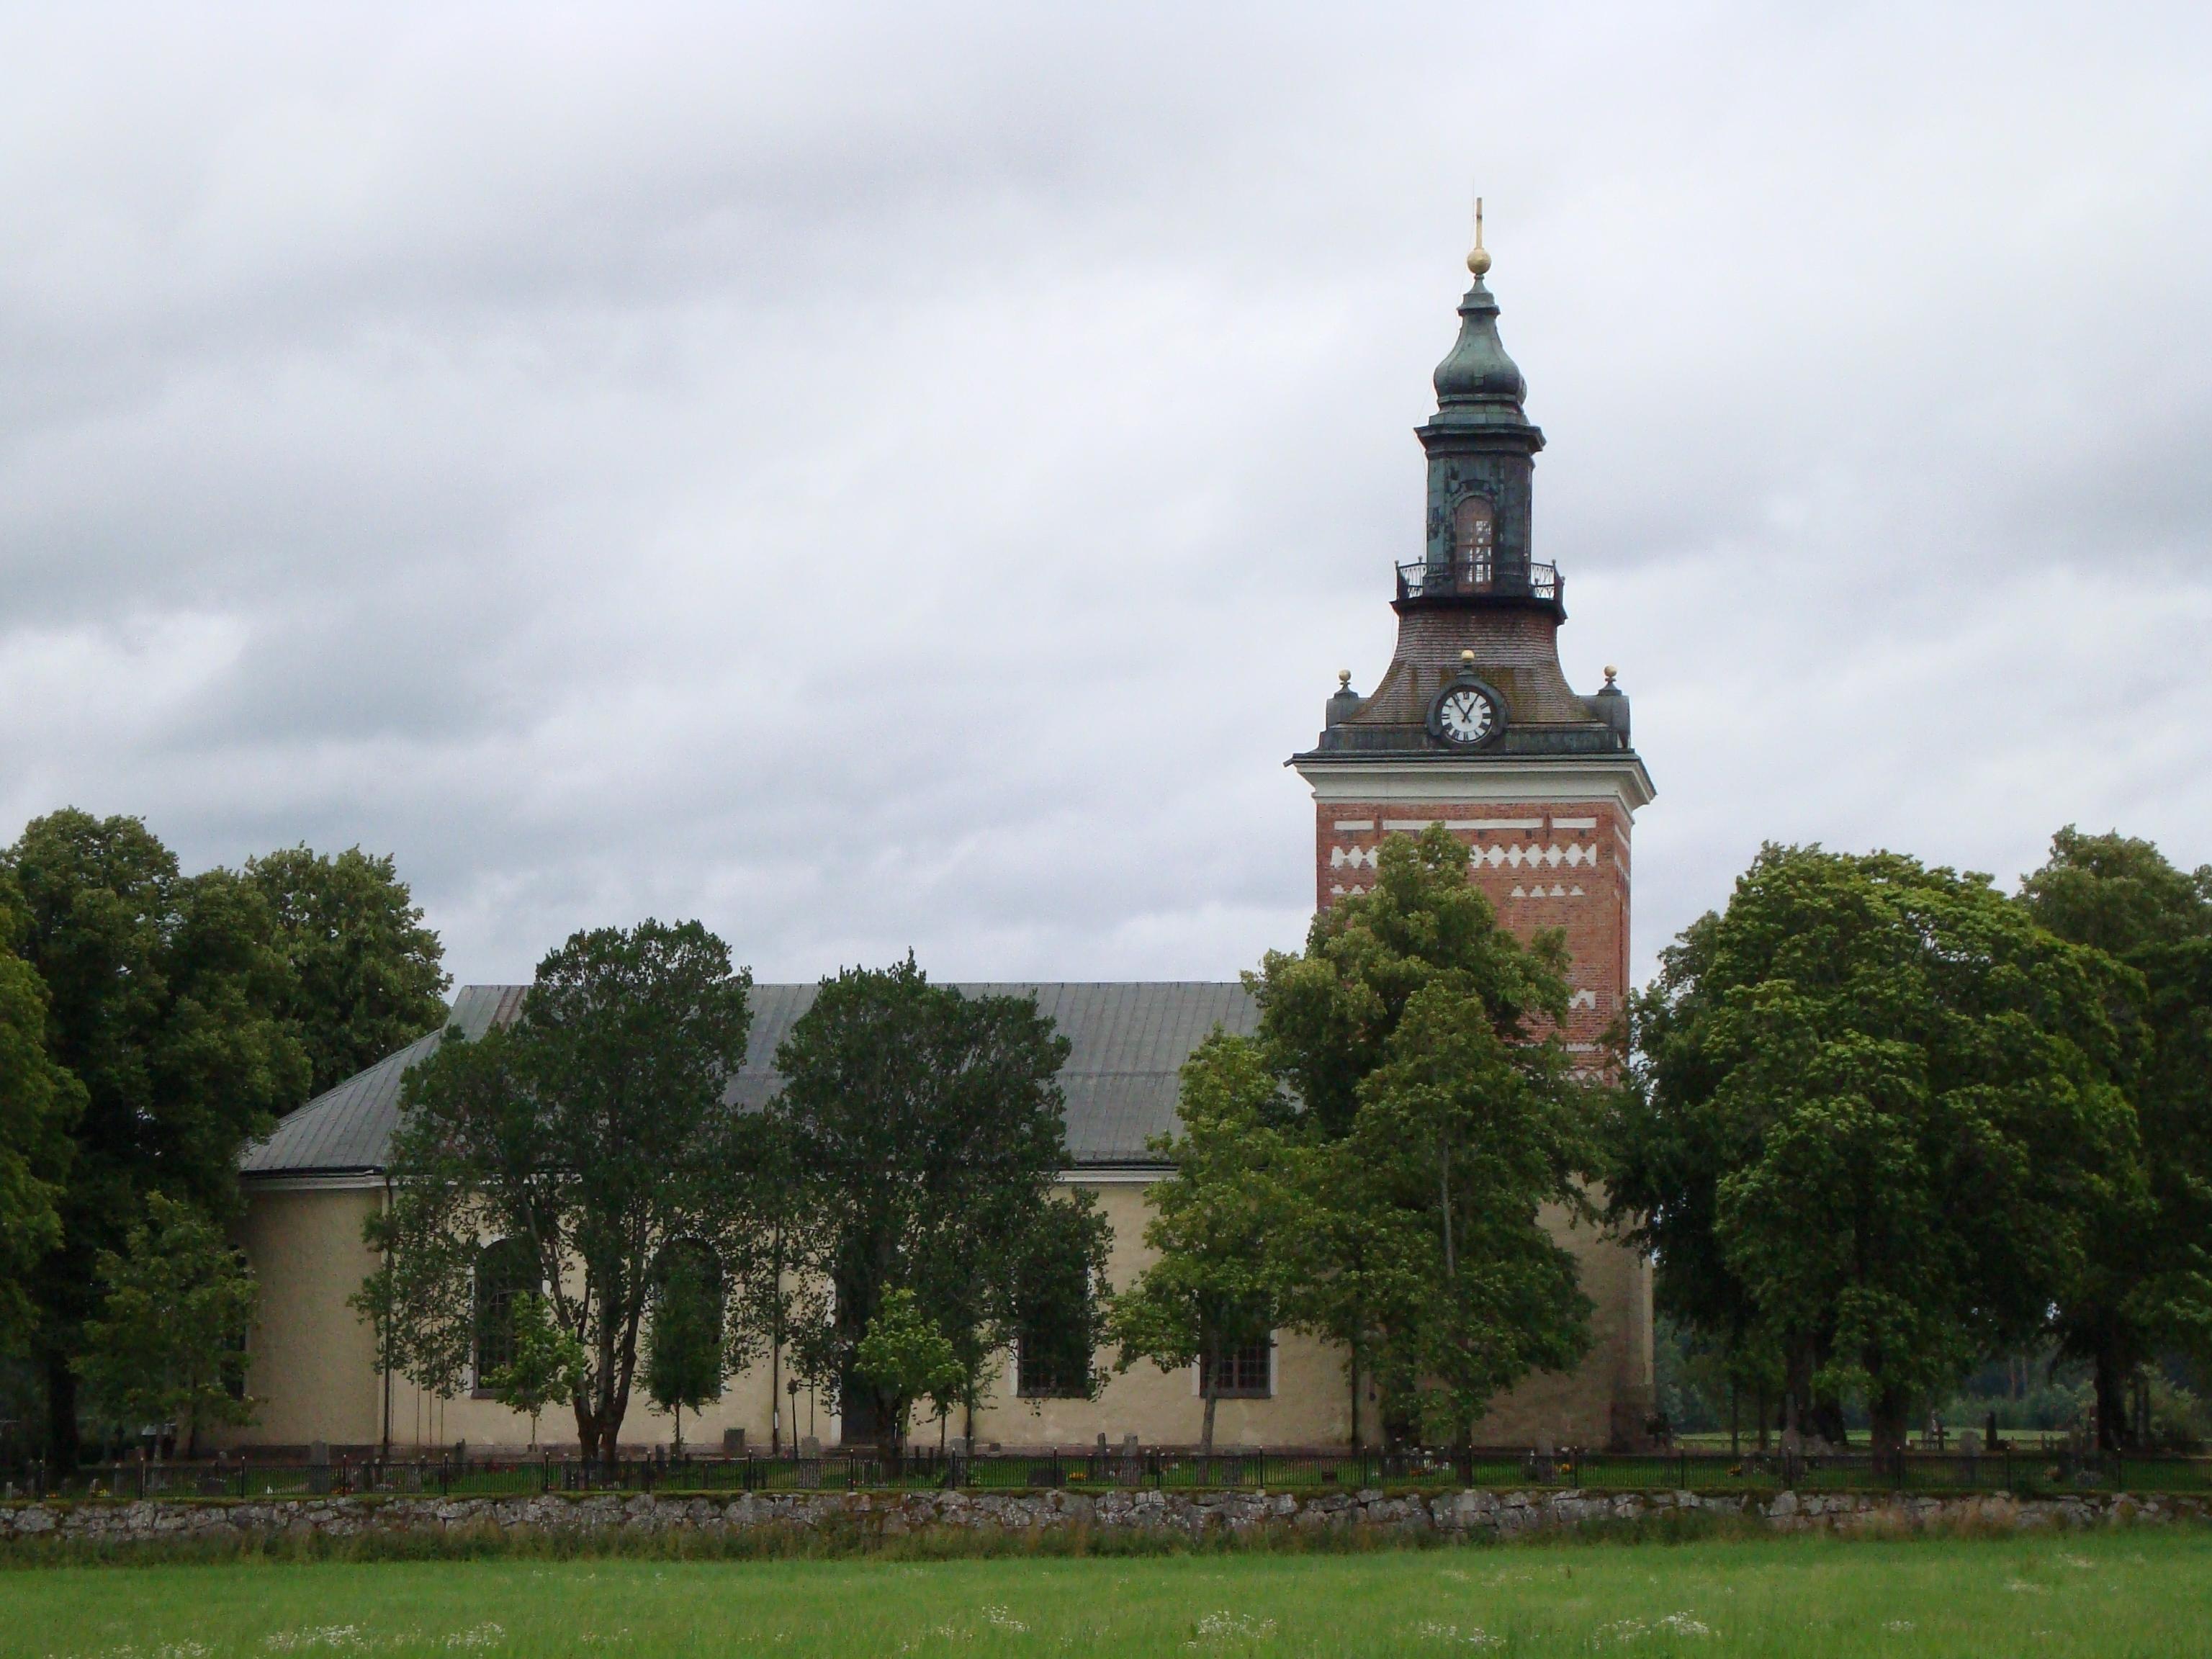 Alsbo- Grubbo-Karlbo VVO | Jgarefrbundet Folkrna